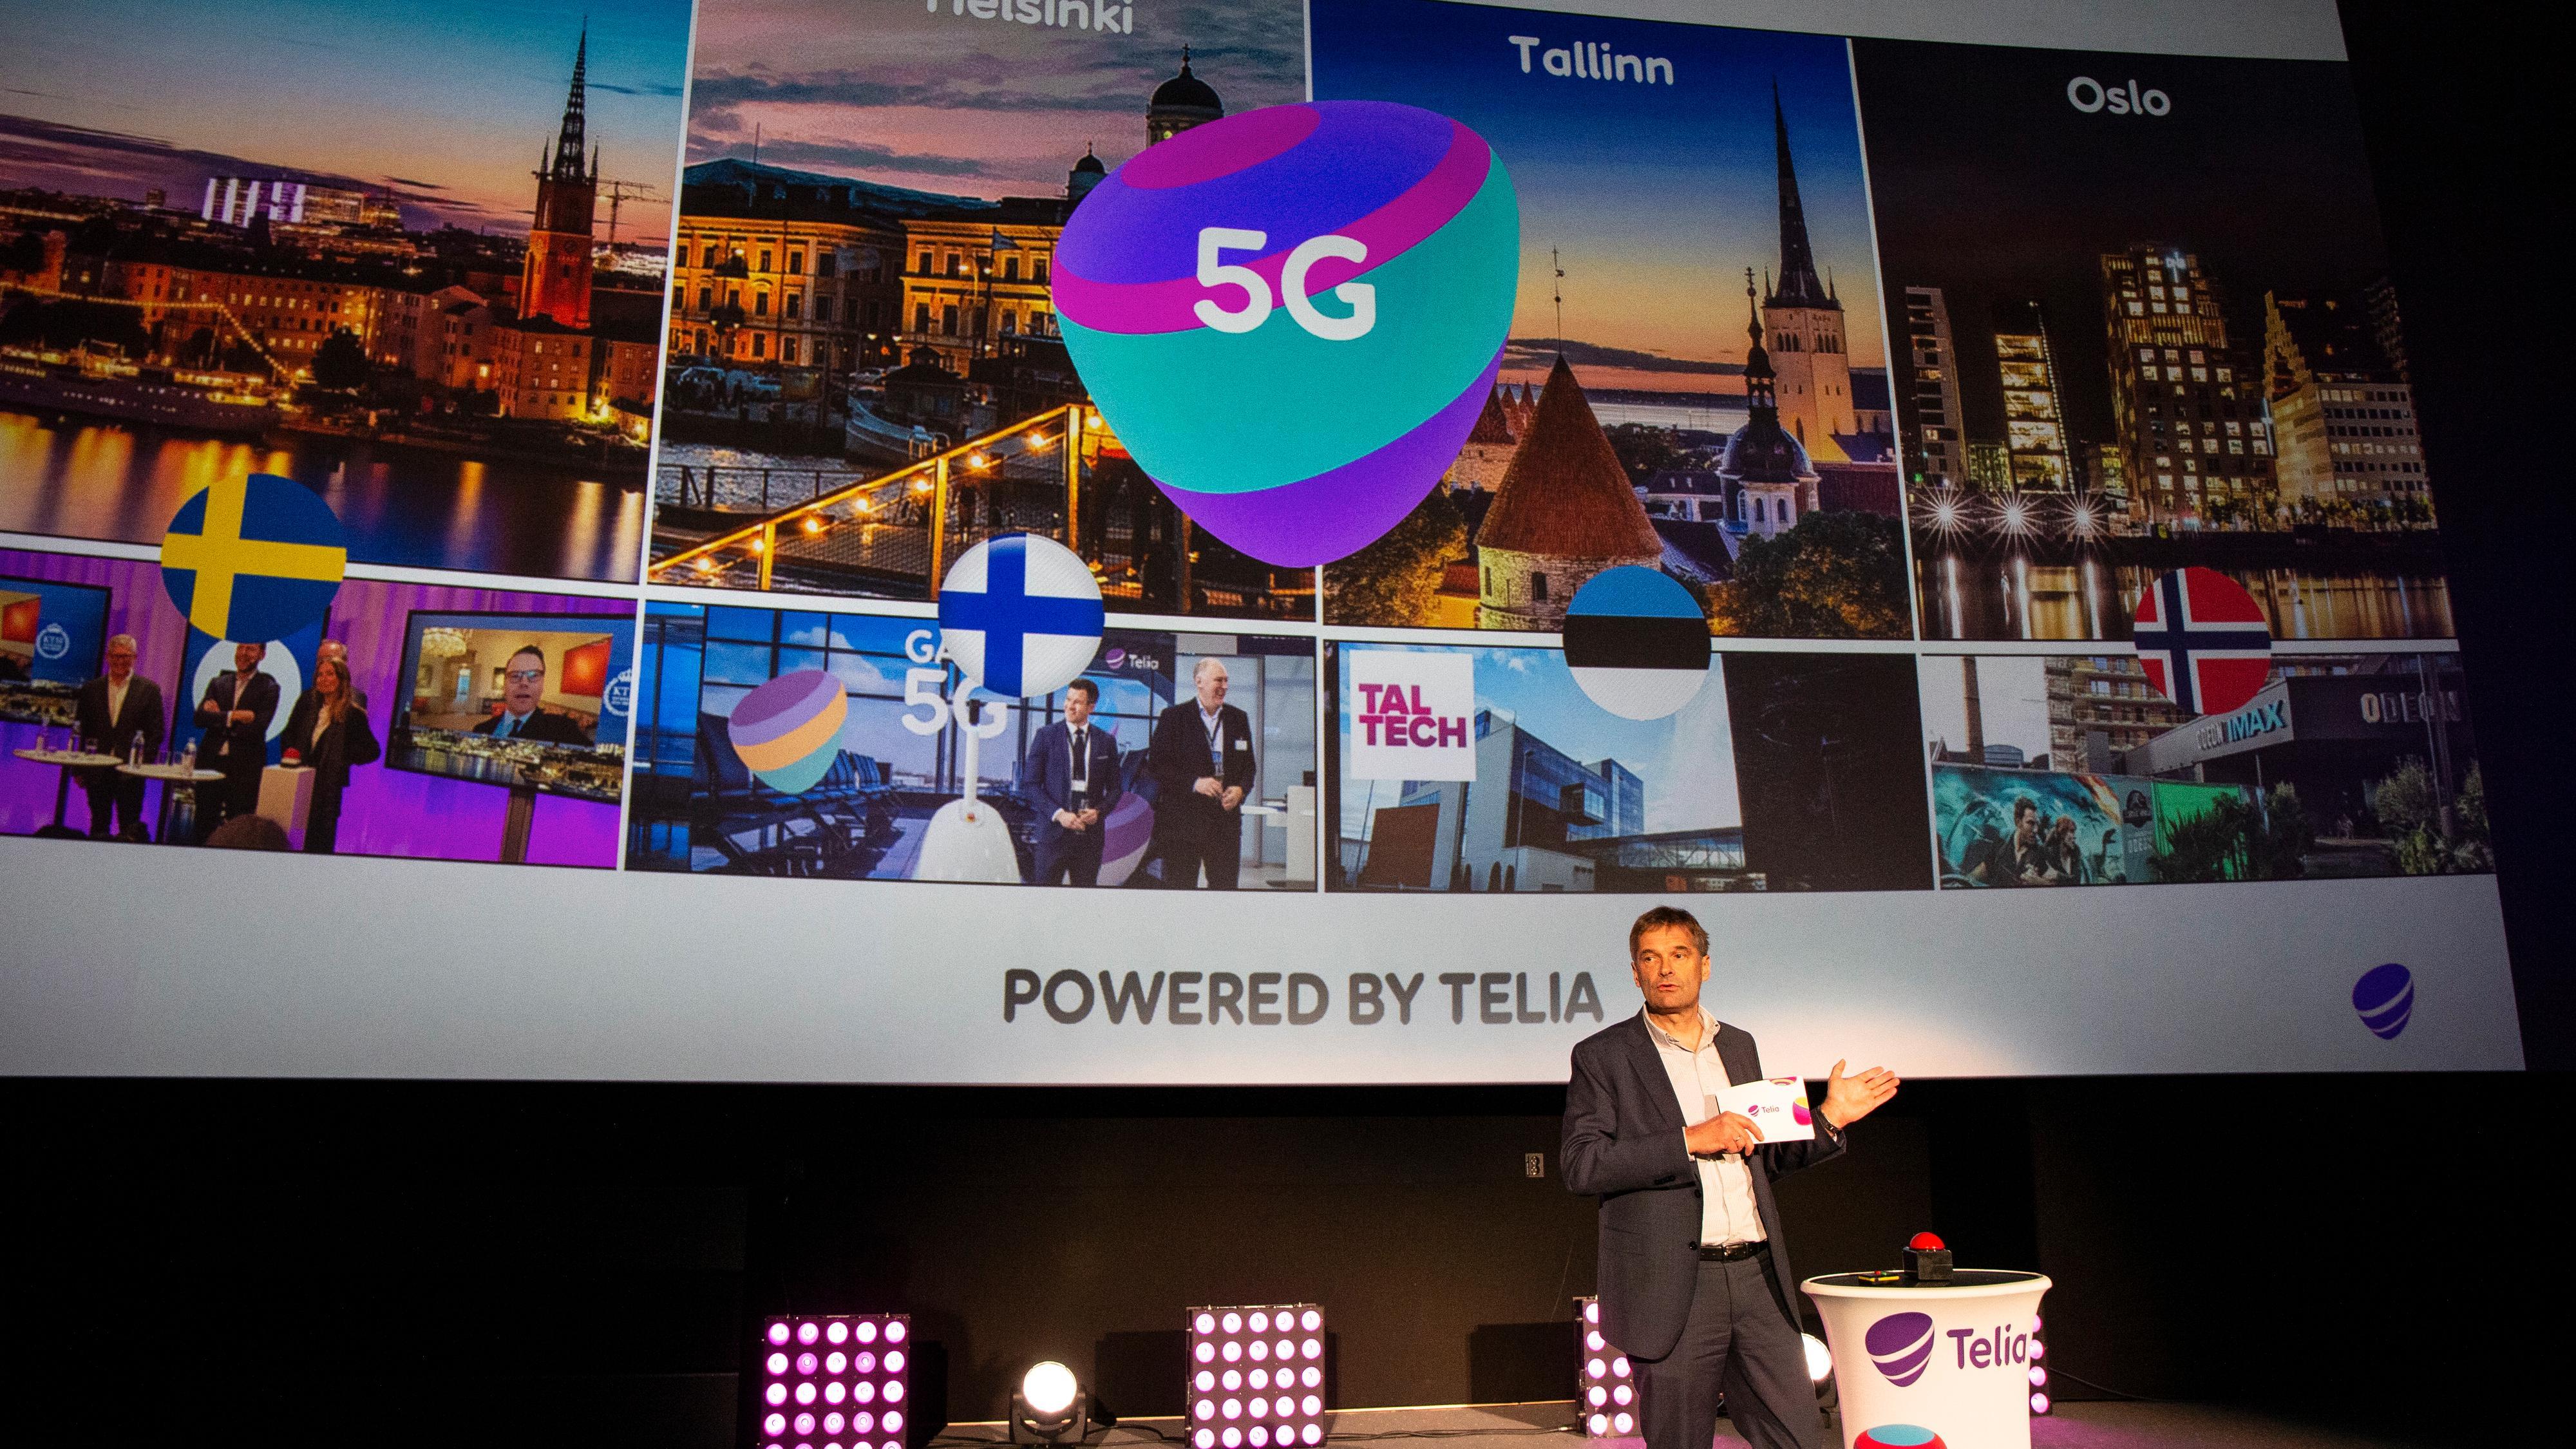 Telia-sjef Abraham Foss sier de nå skal utforske 5G-teknologien videre, men kan ikke tidfeste noen kommersiell lansering i Norge.